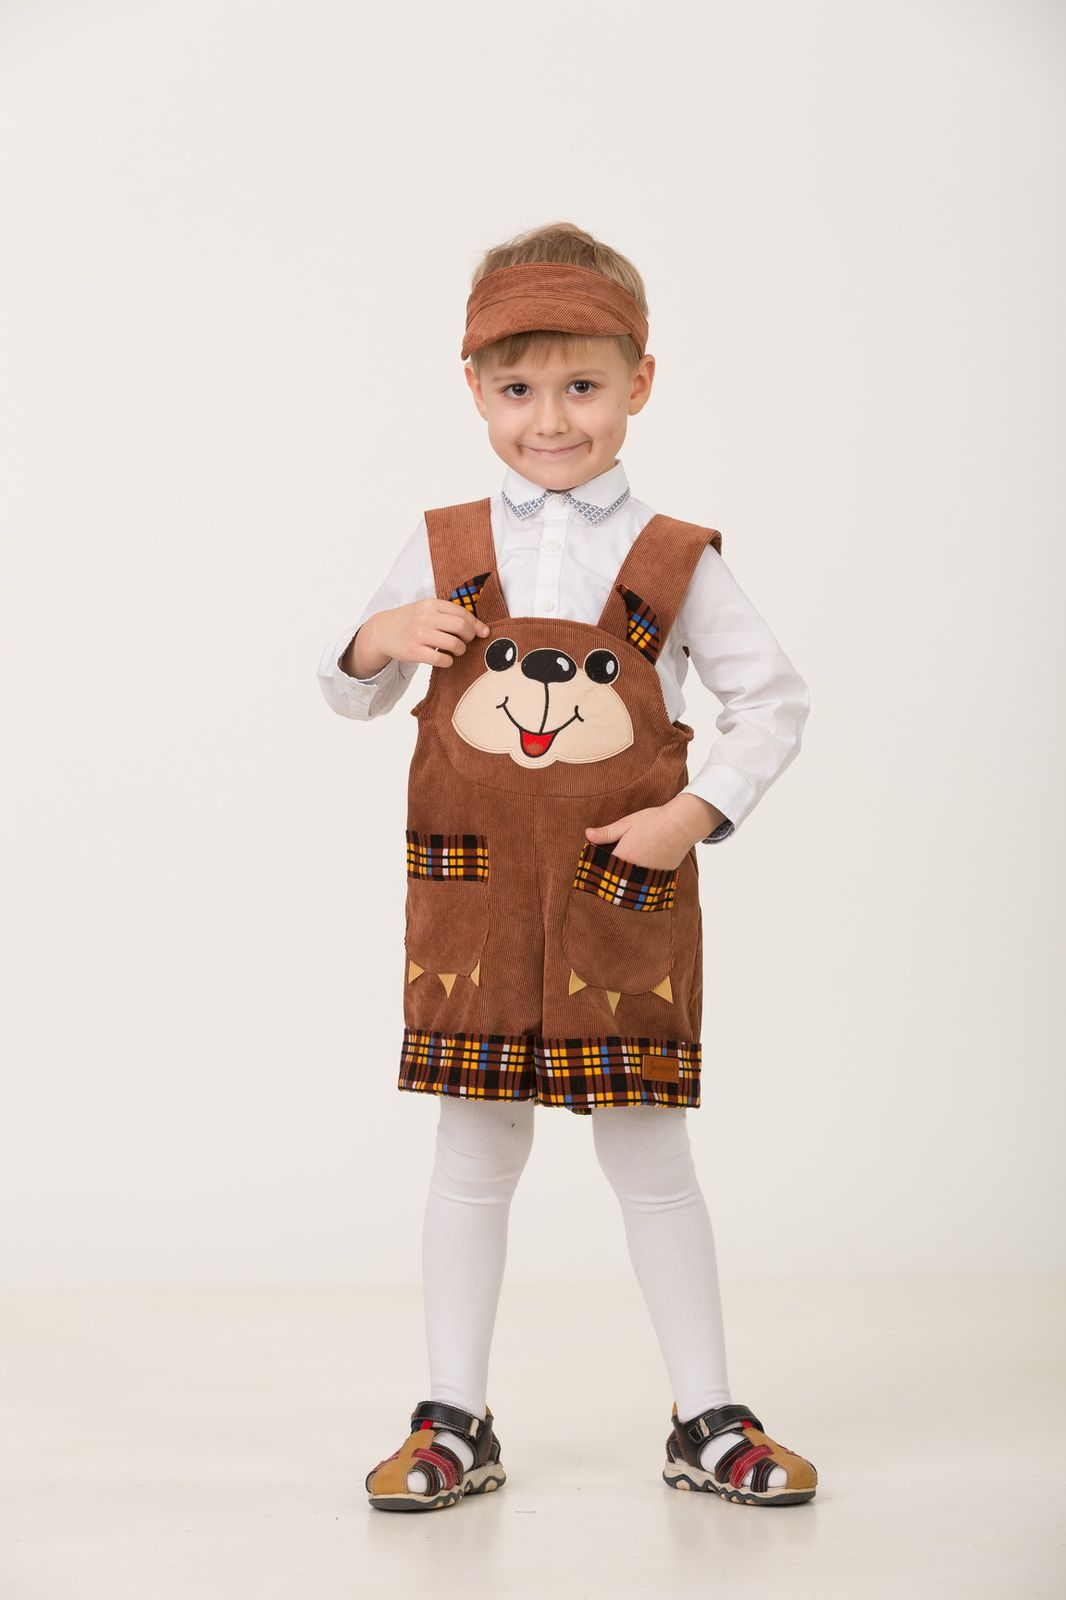 Карнавальный костюм Jeanees Медвежонок Топтыжкин, цвет: коричневый. Размер: 30 карнавальный костюм jeanees зайка капризка цвет голубой размер 30